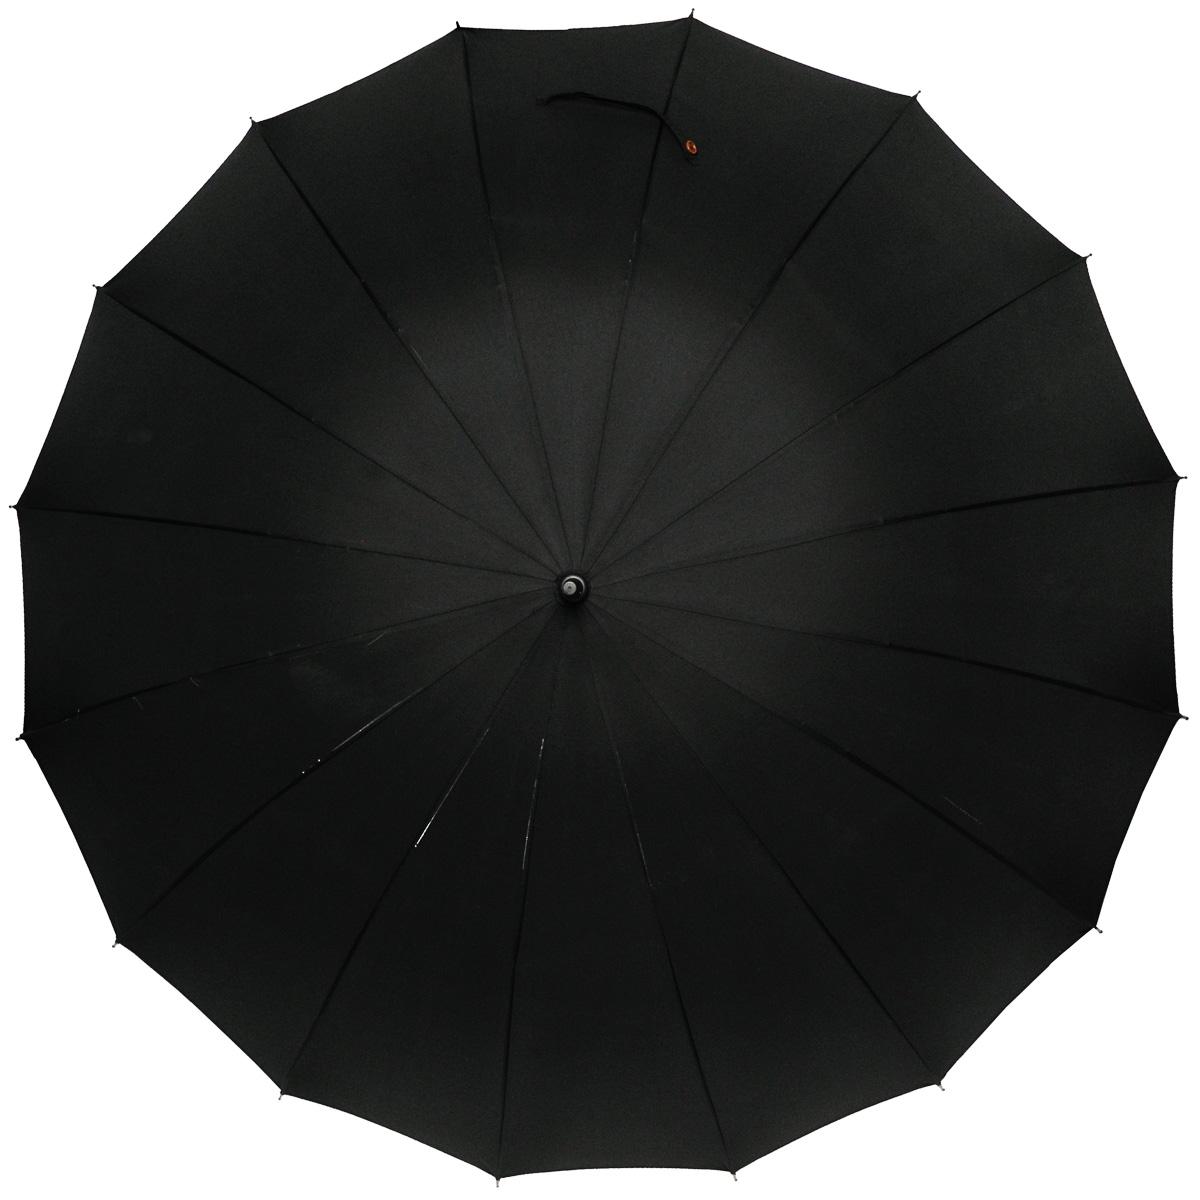 Зонт-трость мужской Zest, механический, цвет: черный. 4156041560Мужской механический зонт-трость Zest даже в ненастную погоду позволит вам оставаться стильным. Каркас зонта, выполненный их фибергласса, состоит из 16 спиц и прочного стержня. Специальная система Windproof защищает его от поломок во время сильных порывов ветра. Купол зонта черного цвета выполнен из прочного полиэстера с водоотталкивающей пропиткой. Используемые высококачественные красители, а также покрытие Teflon обеспечивают длительное сохранение свойств ткани купола. Рукоятка закругленной формы, разработанная с учетом требований эргономики, выполнена из дерева. Зонт имеет механический тип сложения: купол открывается и закрывается вручную до характерного щелчка. Такой зонт не только надежно защитит вас от дождя, но и станет стильным аксессуаром.